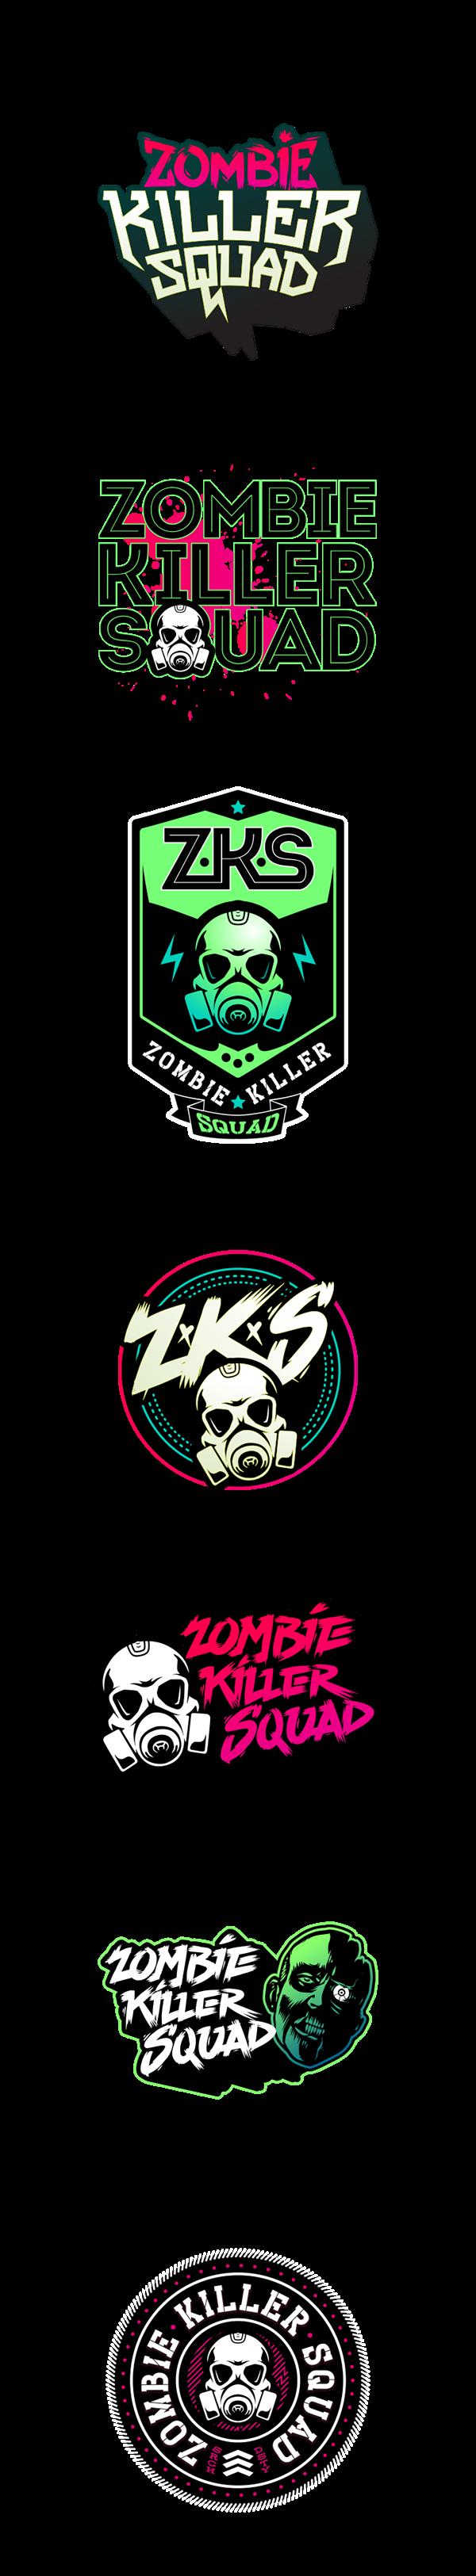 ZKS zombie killer squad mobile Gaming